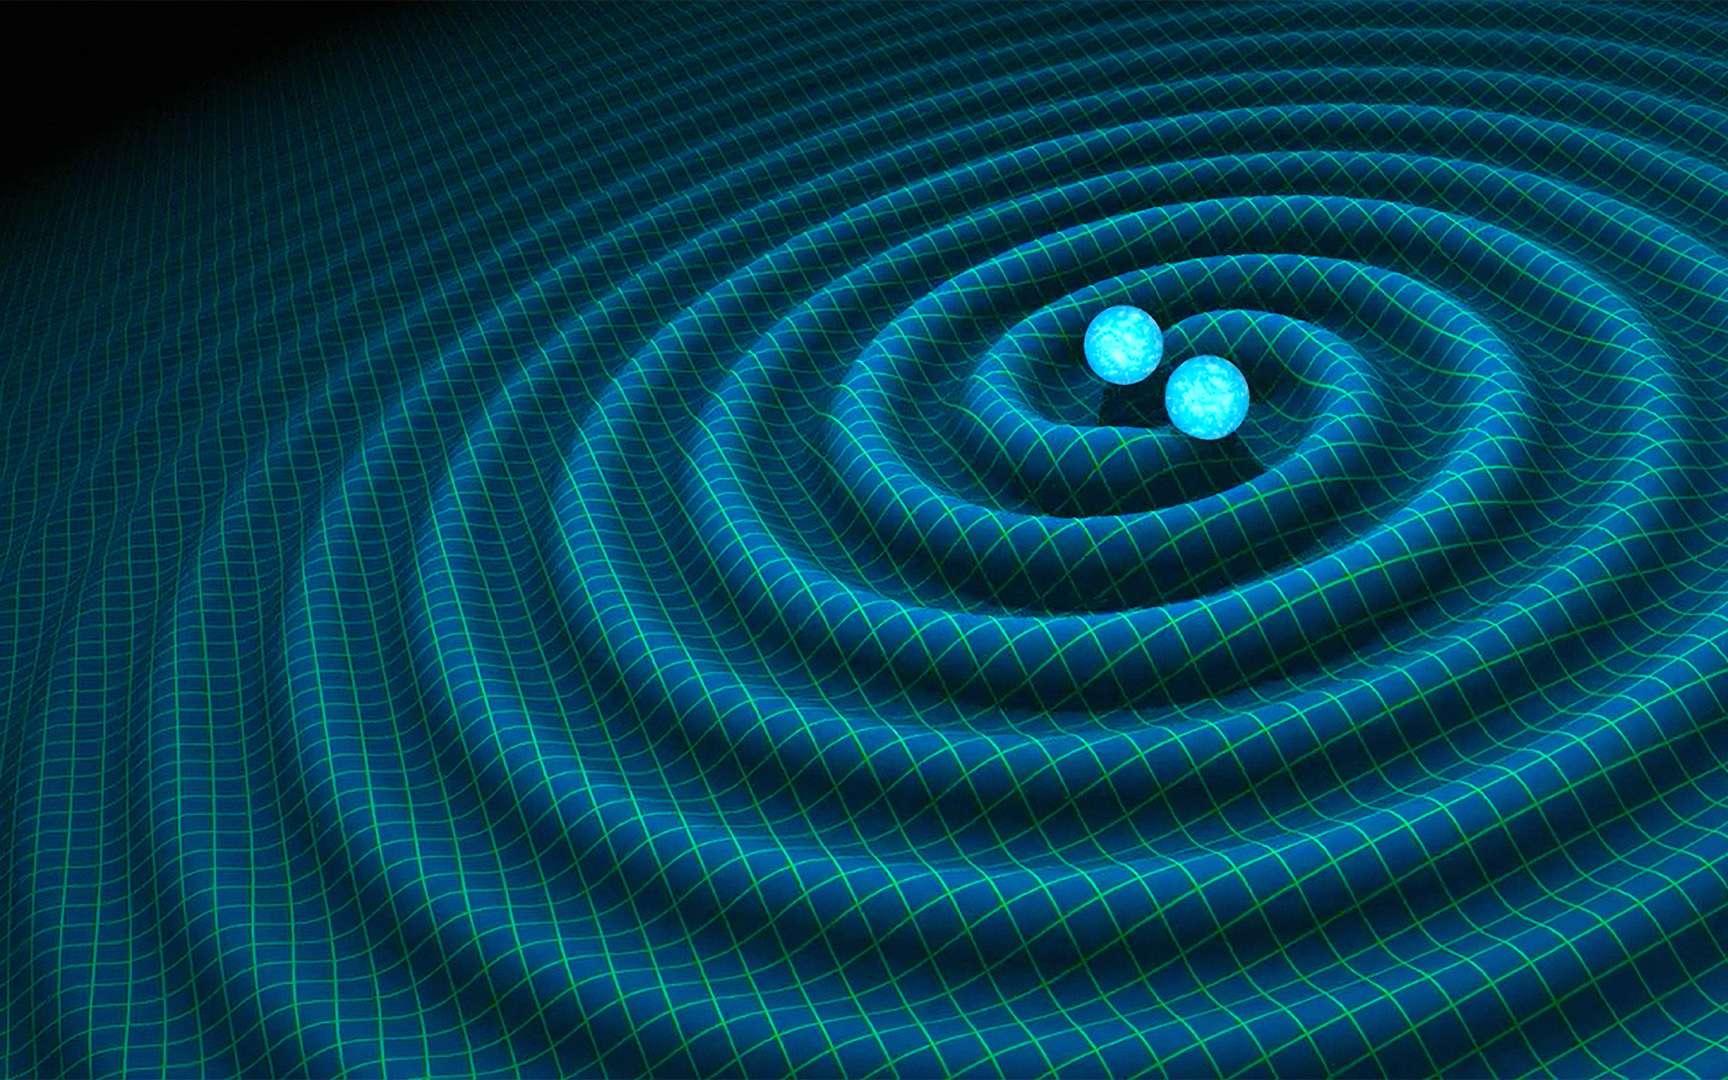 Découvrez notre top 5 des évènements qui ont marqué l'actualité astronomique de 2017. Ici, une vue d'artiste des ondes gravitationnelles générées par un système binaire d'étoiles à neutrons sur le point de fusionner. © R. Hurt, Caltech-JPL